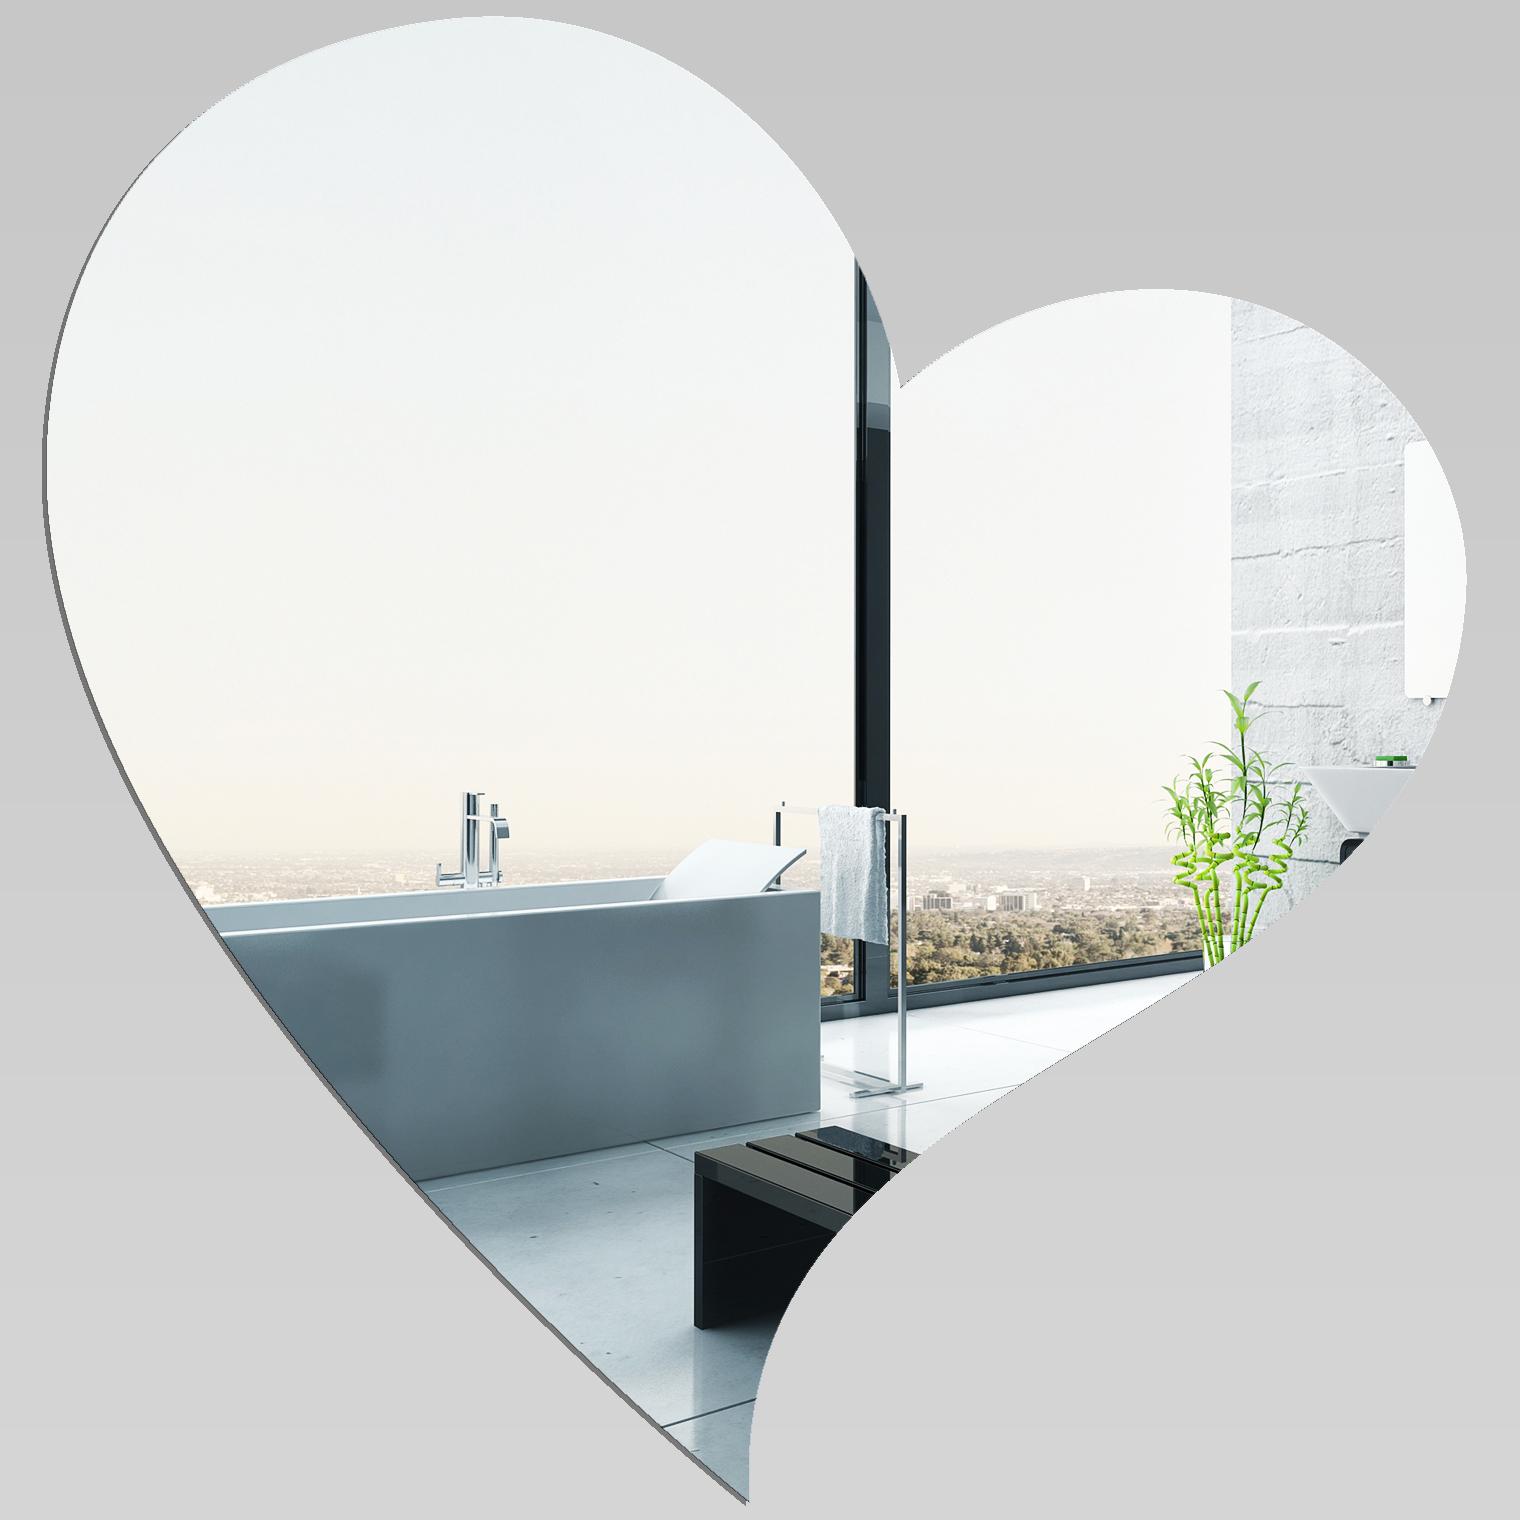 Adesivi follia specchio acrilico plexiglass cuore grande - Specchio adesivo ikea ...